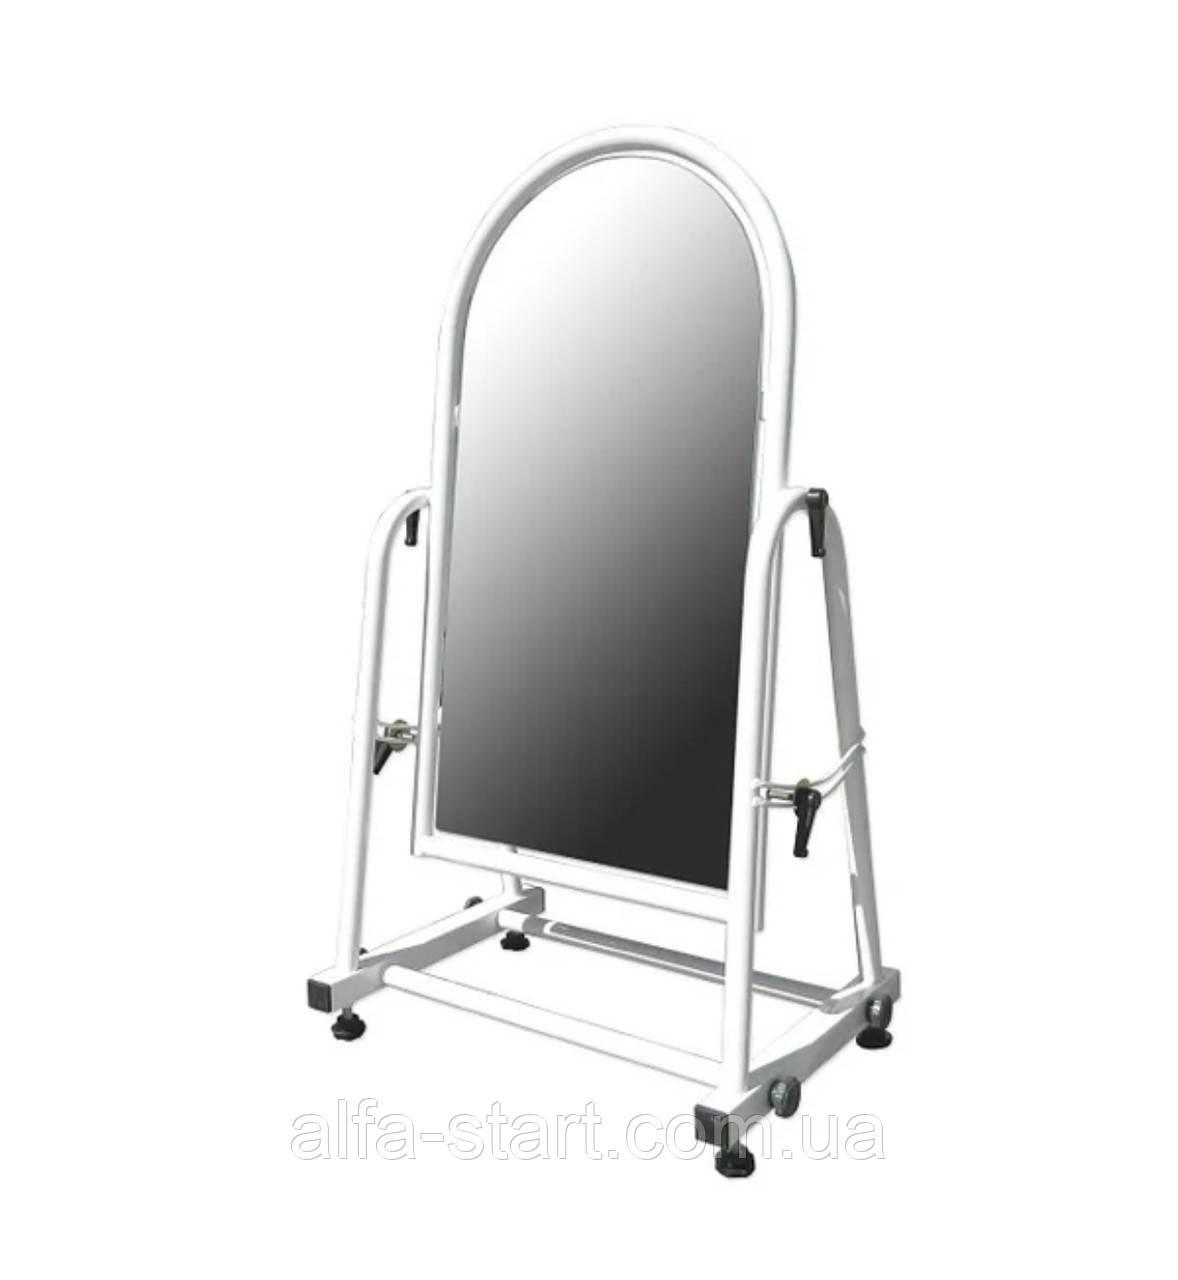 Металеве торговельне дзеркало білого кольору для примірки взуття